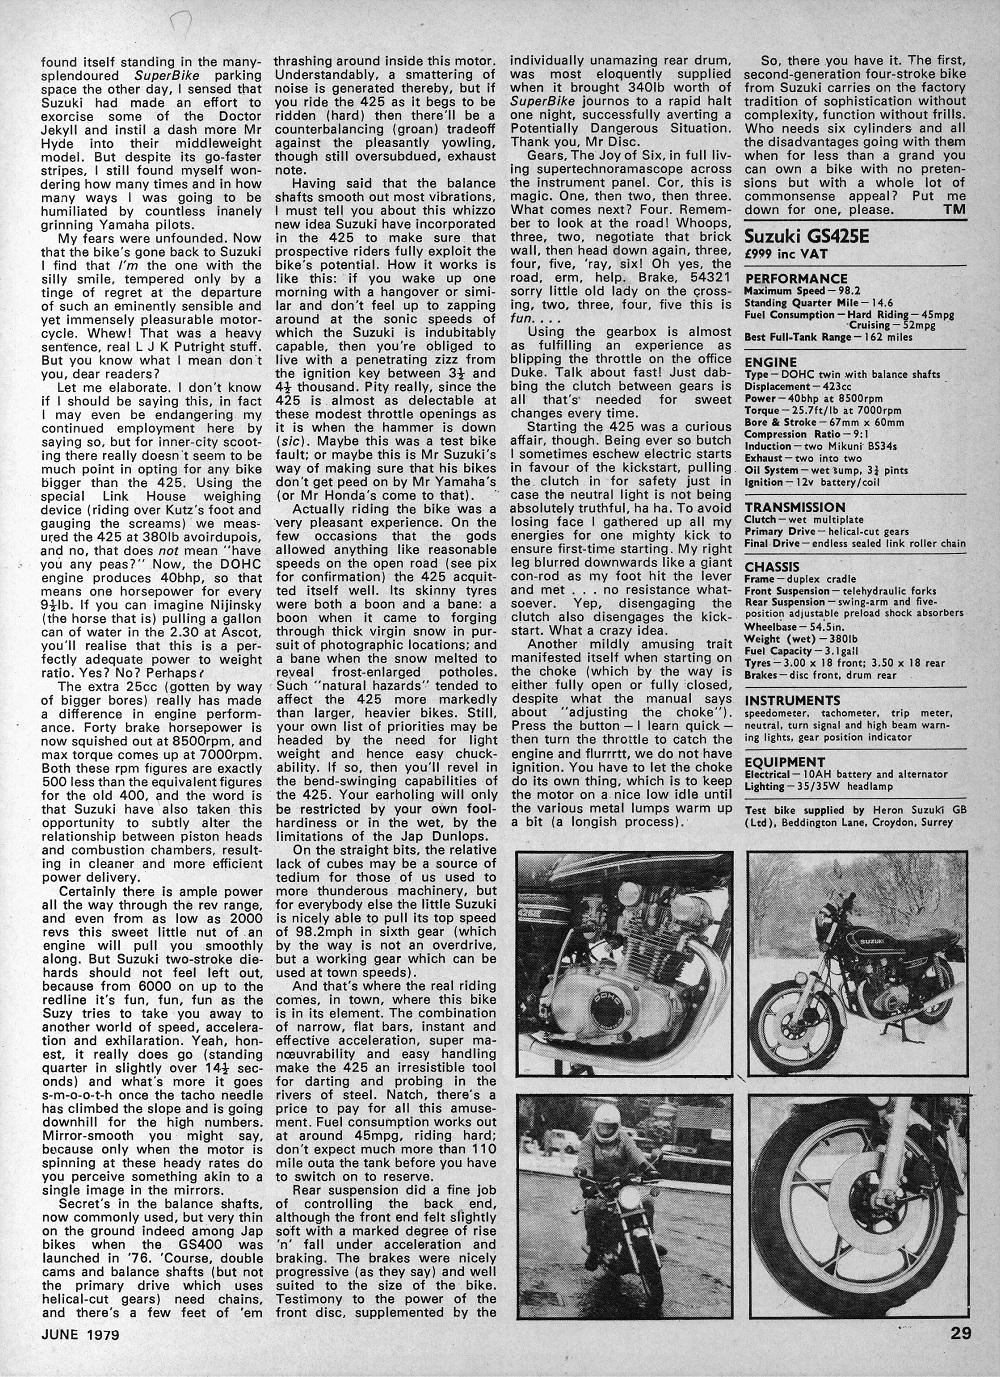 1979 Suzuki GS425E road test.2.jpg